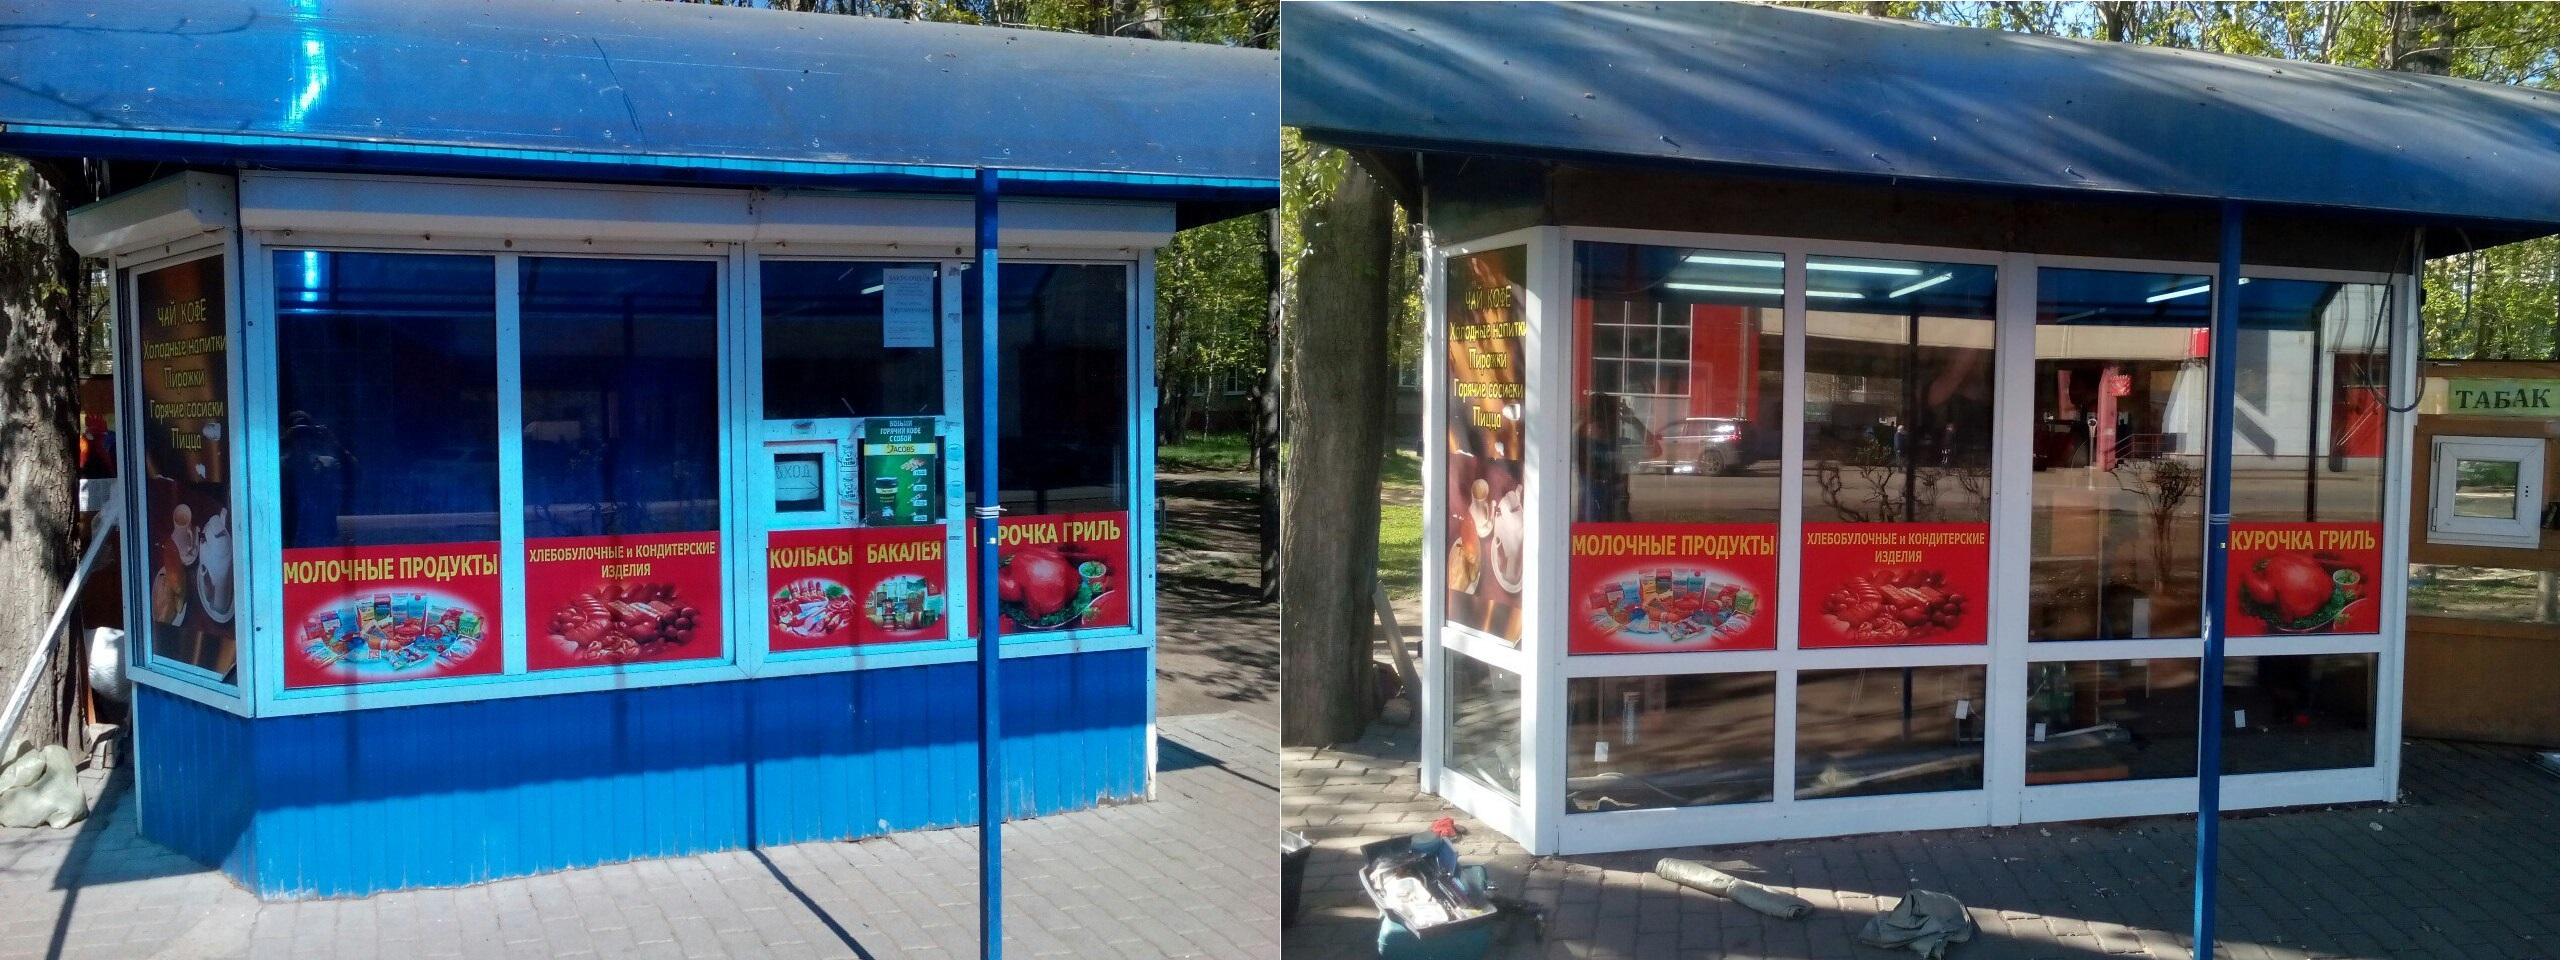 до и после работы Пластбурга